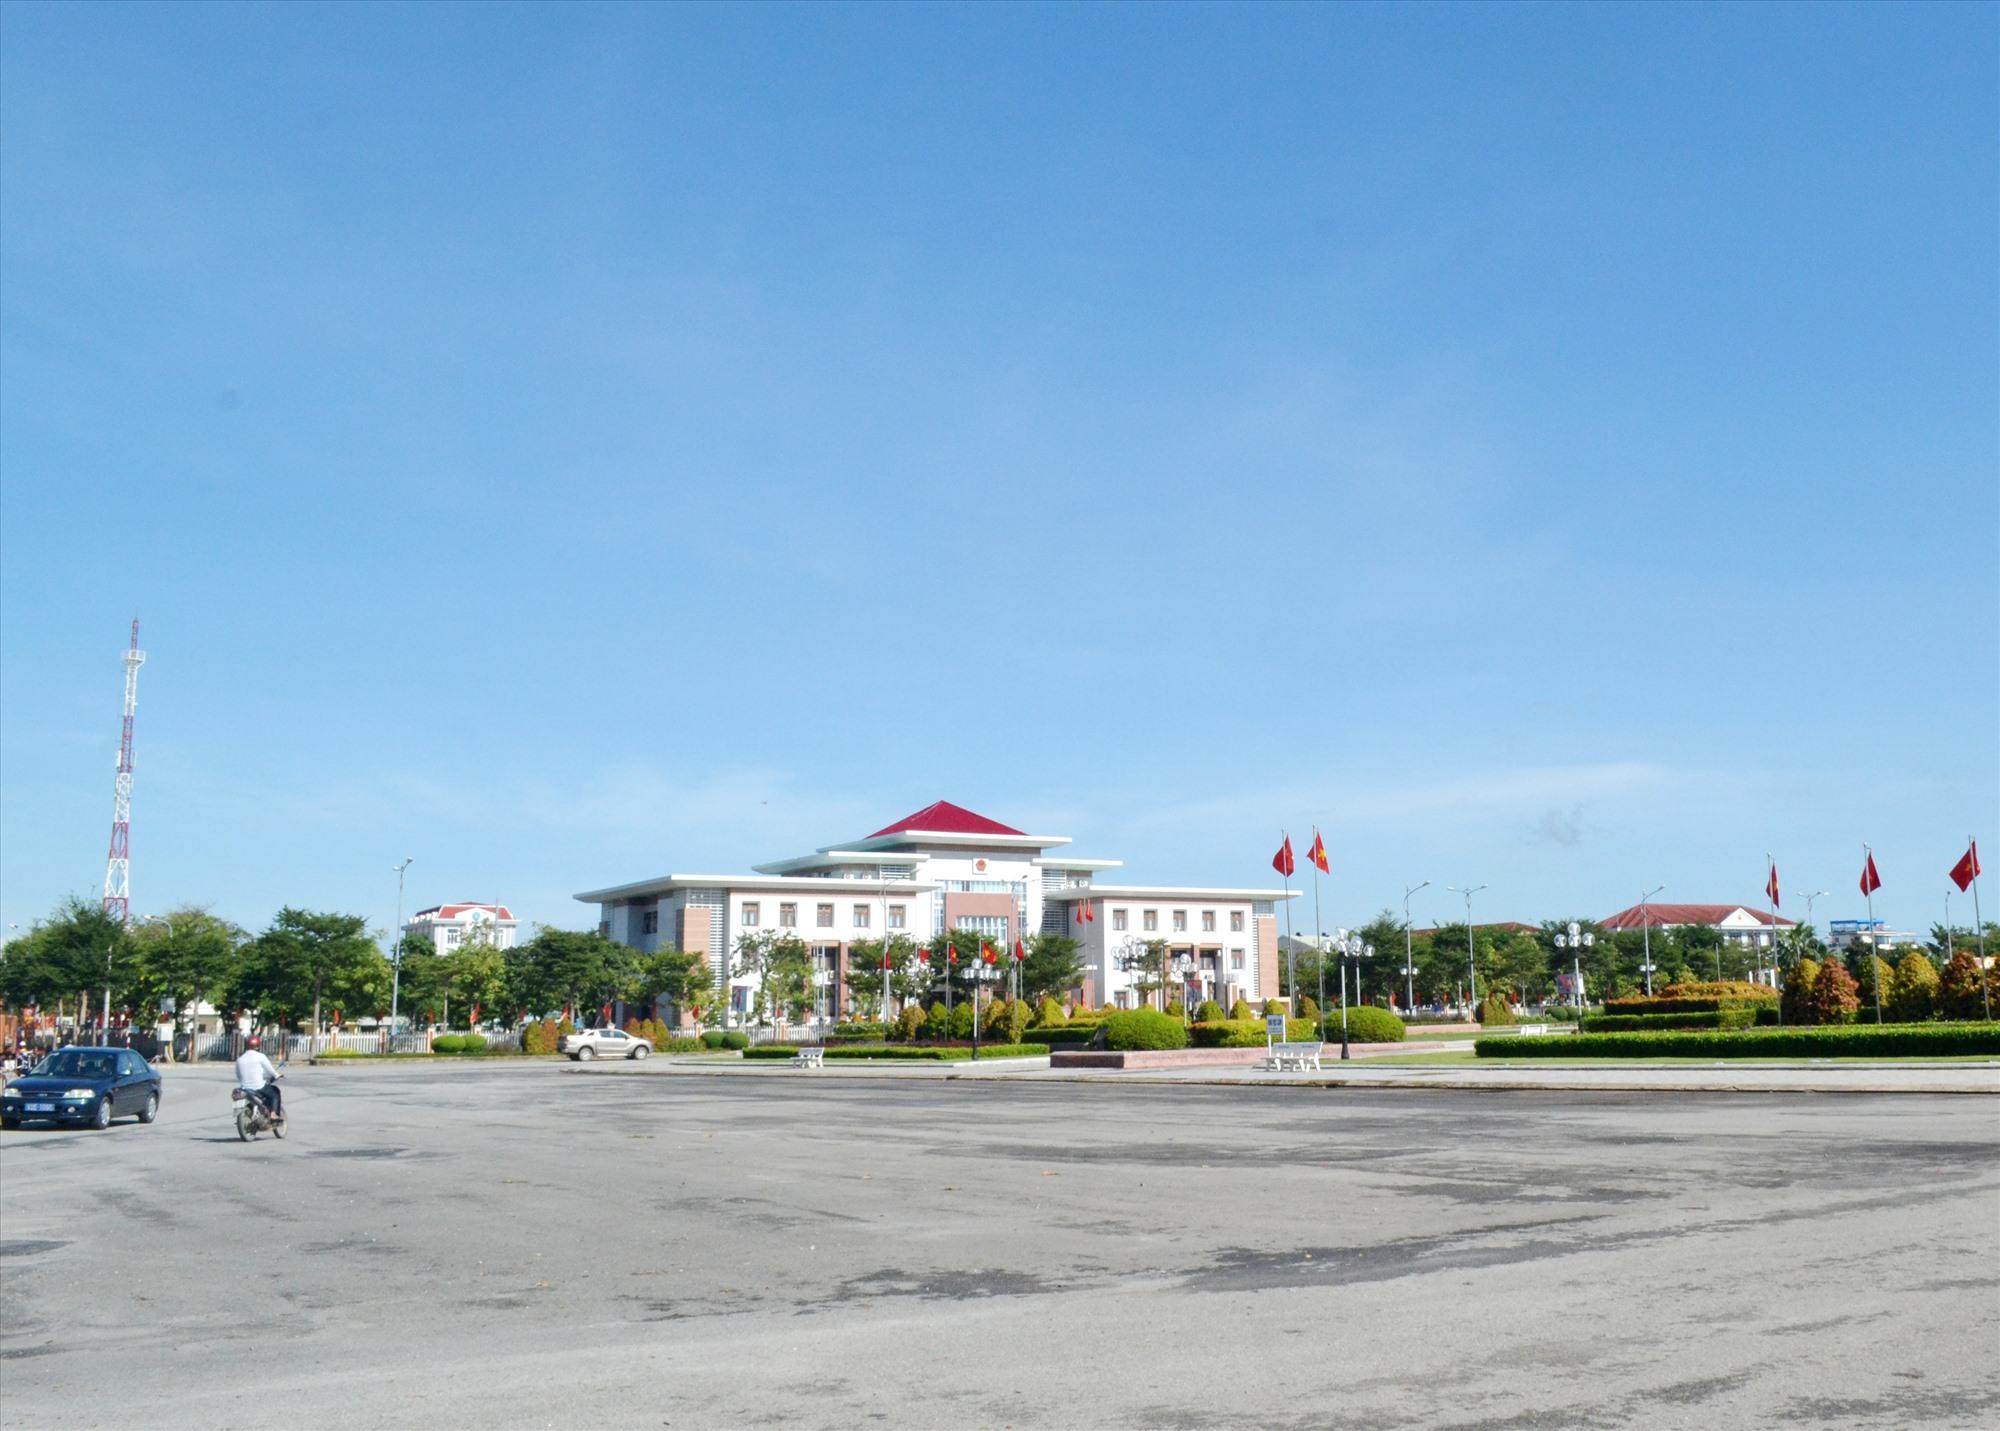 Thị trấn Núi Thành mở rộng đã cơ bản đạt các tiêu chuẩn của đô thị loại IV. Ảnh: VIỆT NGUYỄN